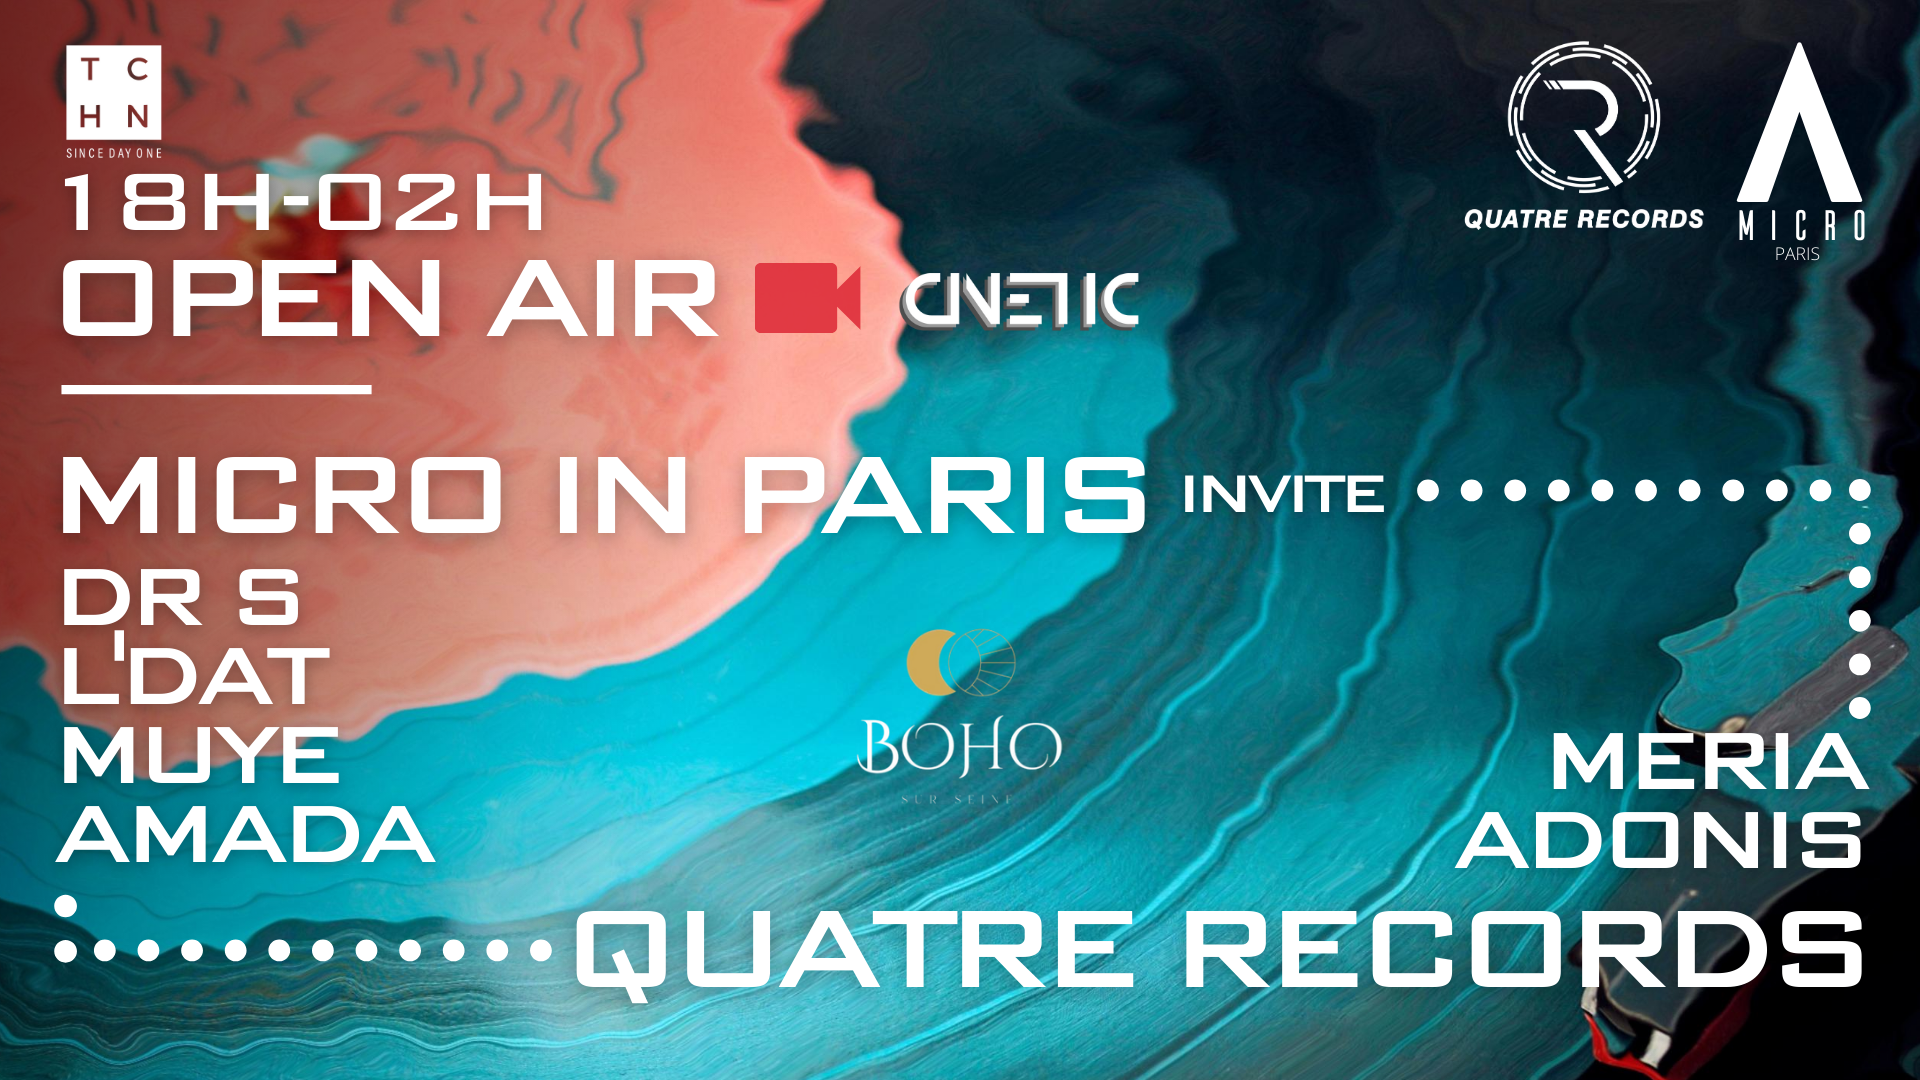 Micro in Paris invite Quatre Records